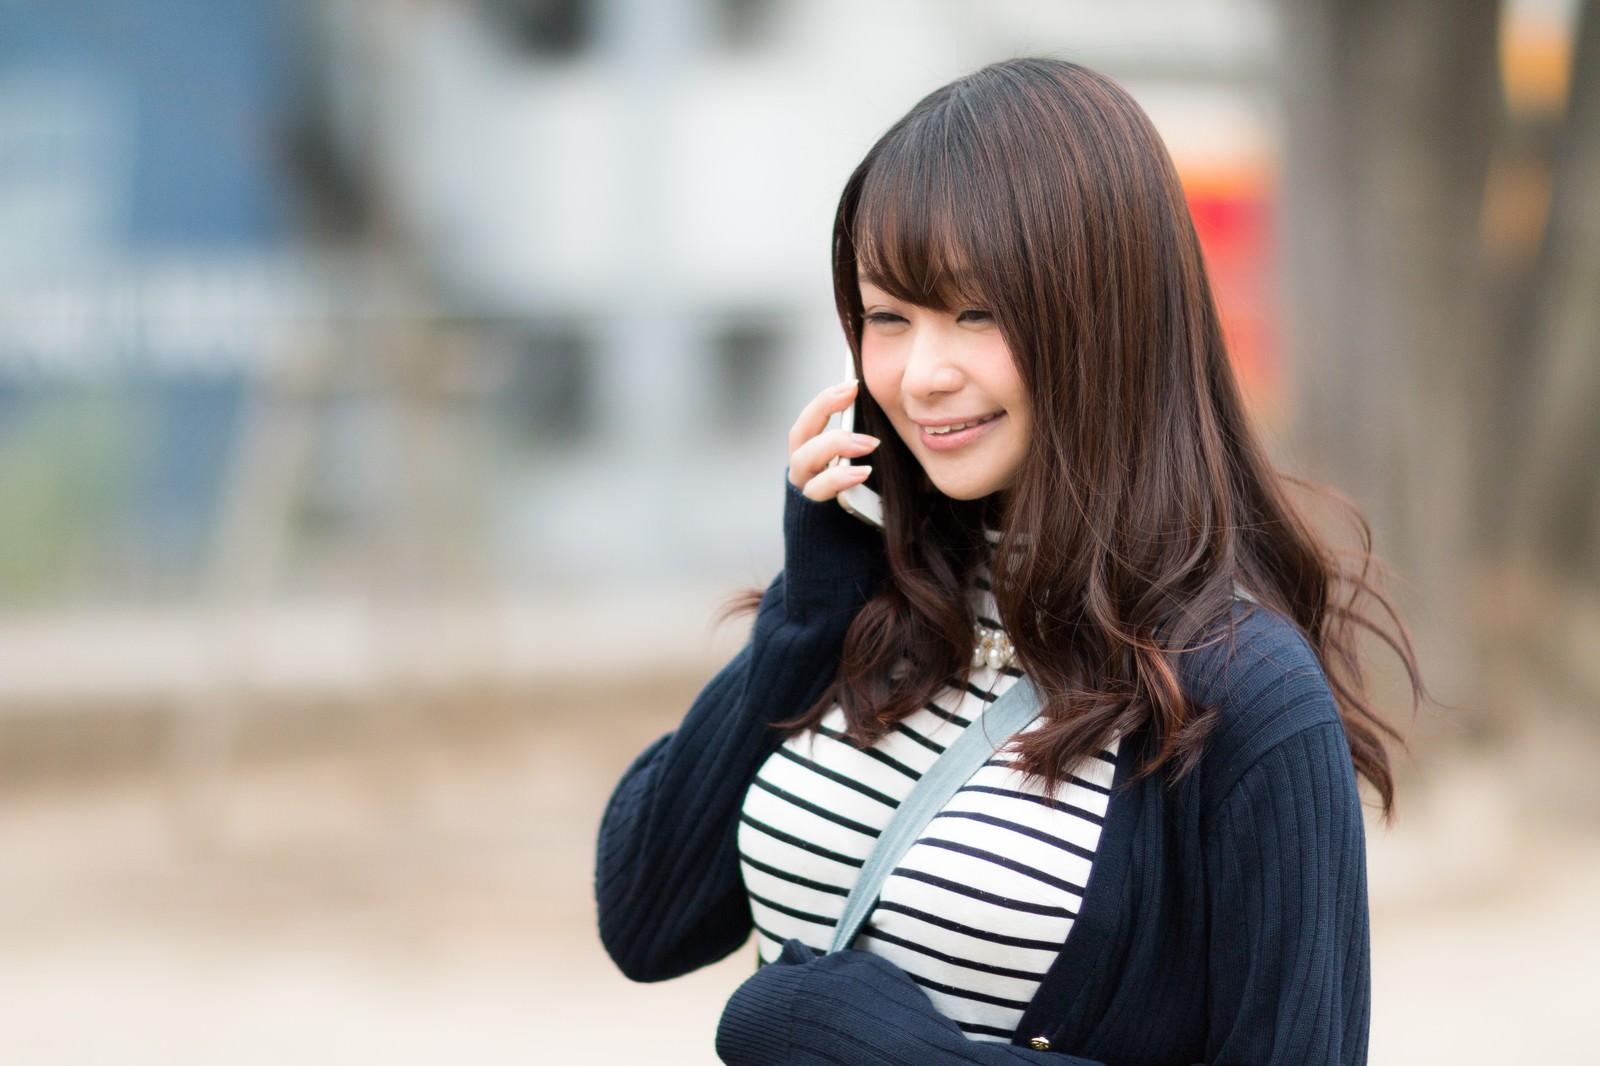 「電話ごしに伝わる笑顔電話ごしに伝わる笑顔」[モデル:茜さや]のフリー写真素材を拡大